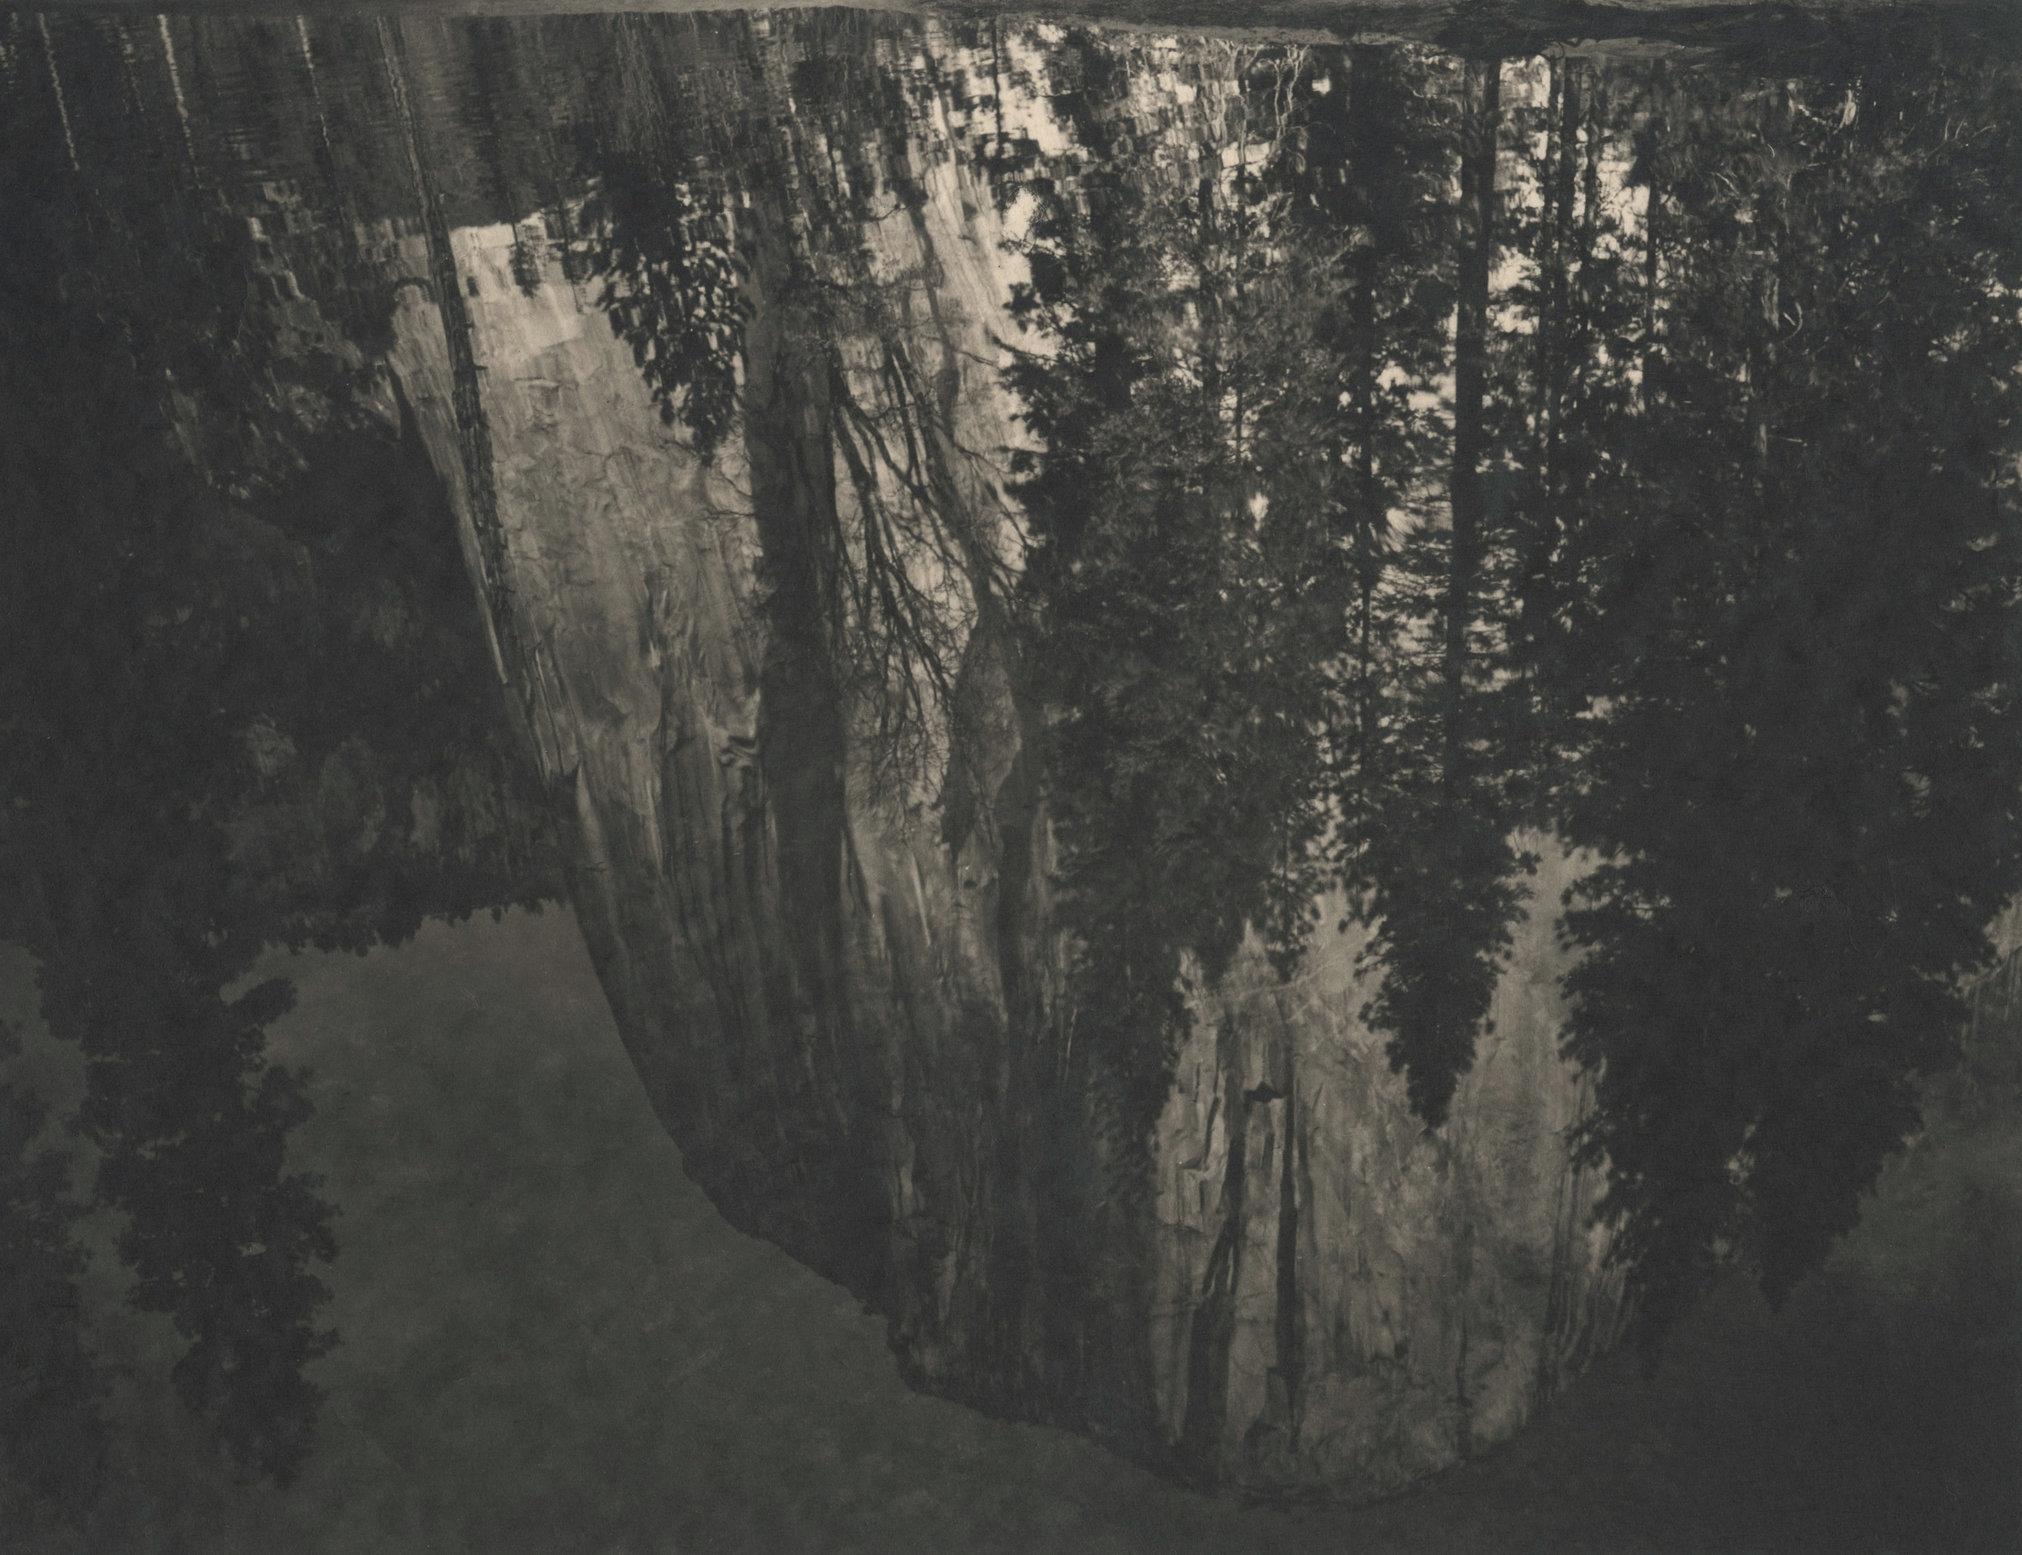 Yosemite #21 © Takeshi Shikama